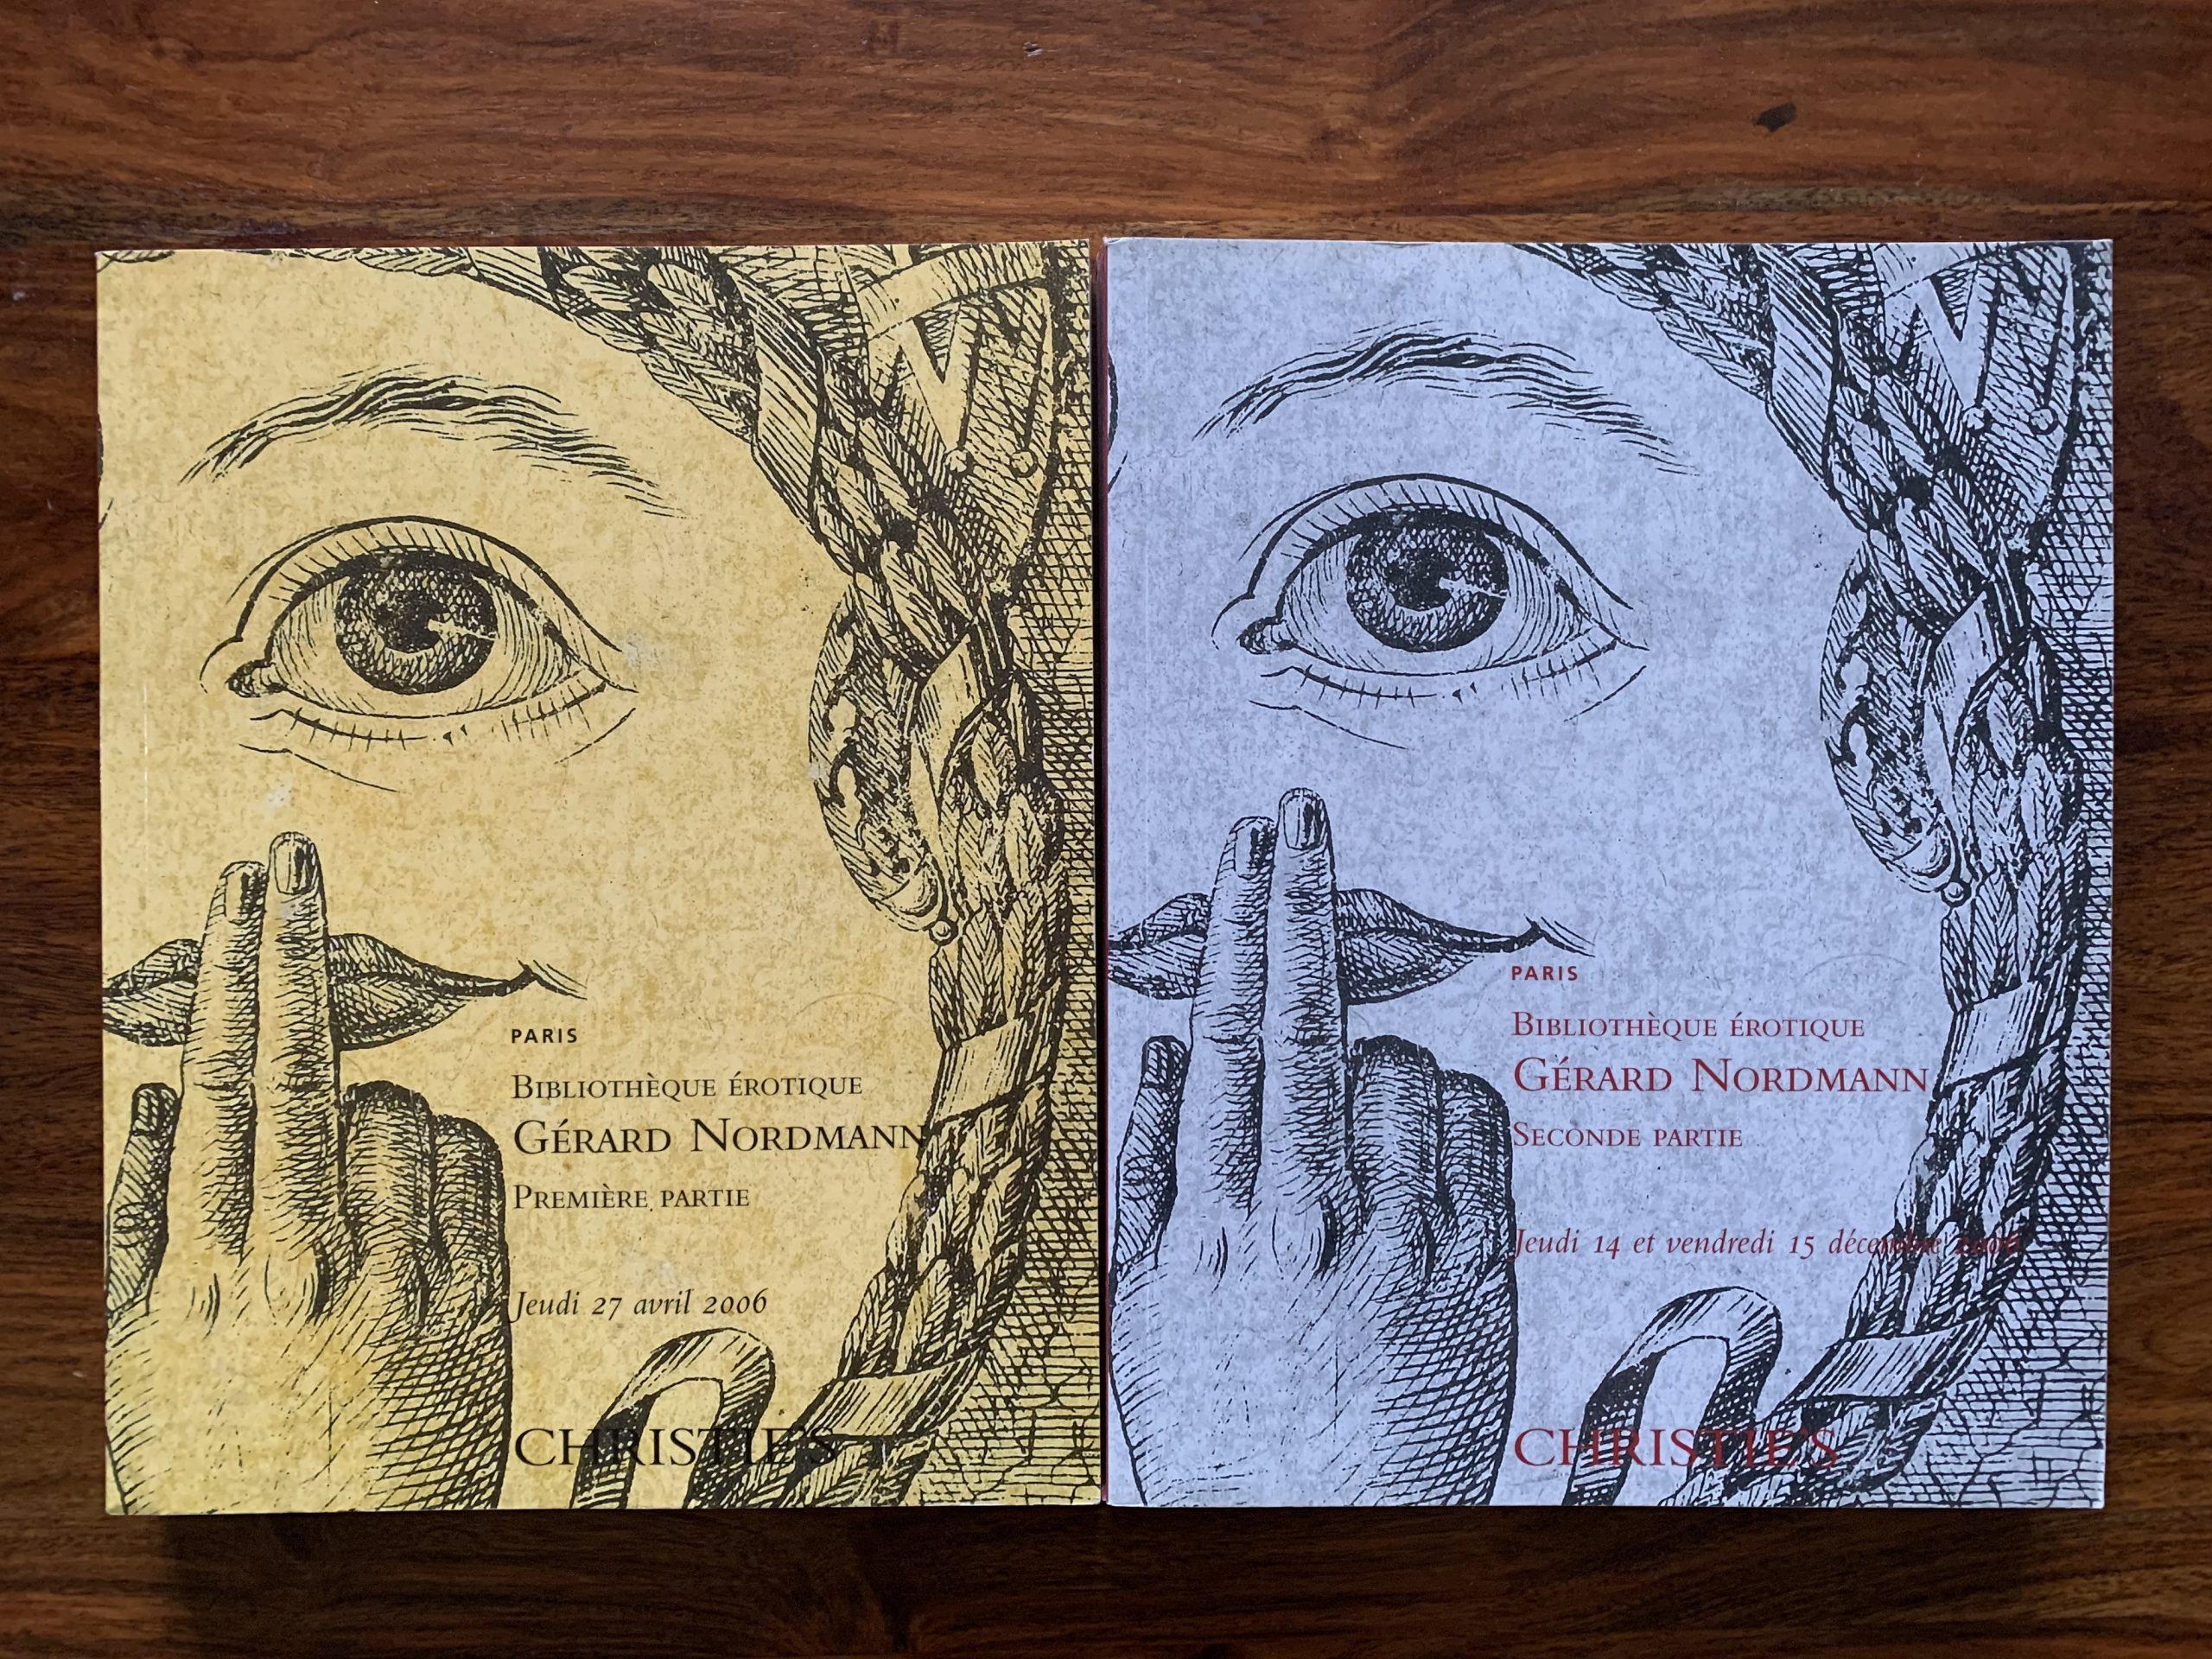 Christie's. Bibliotheque Erotique Gerard Nordmann